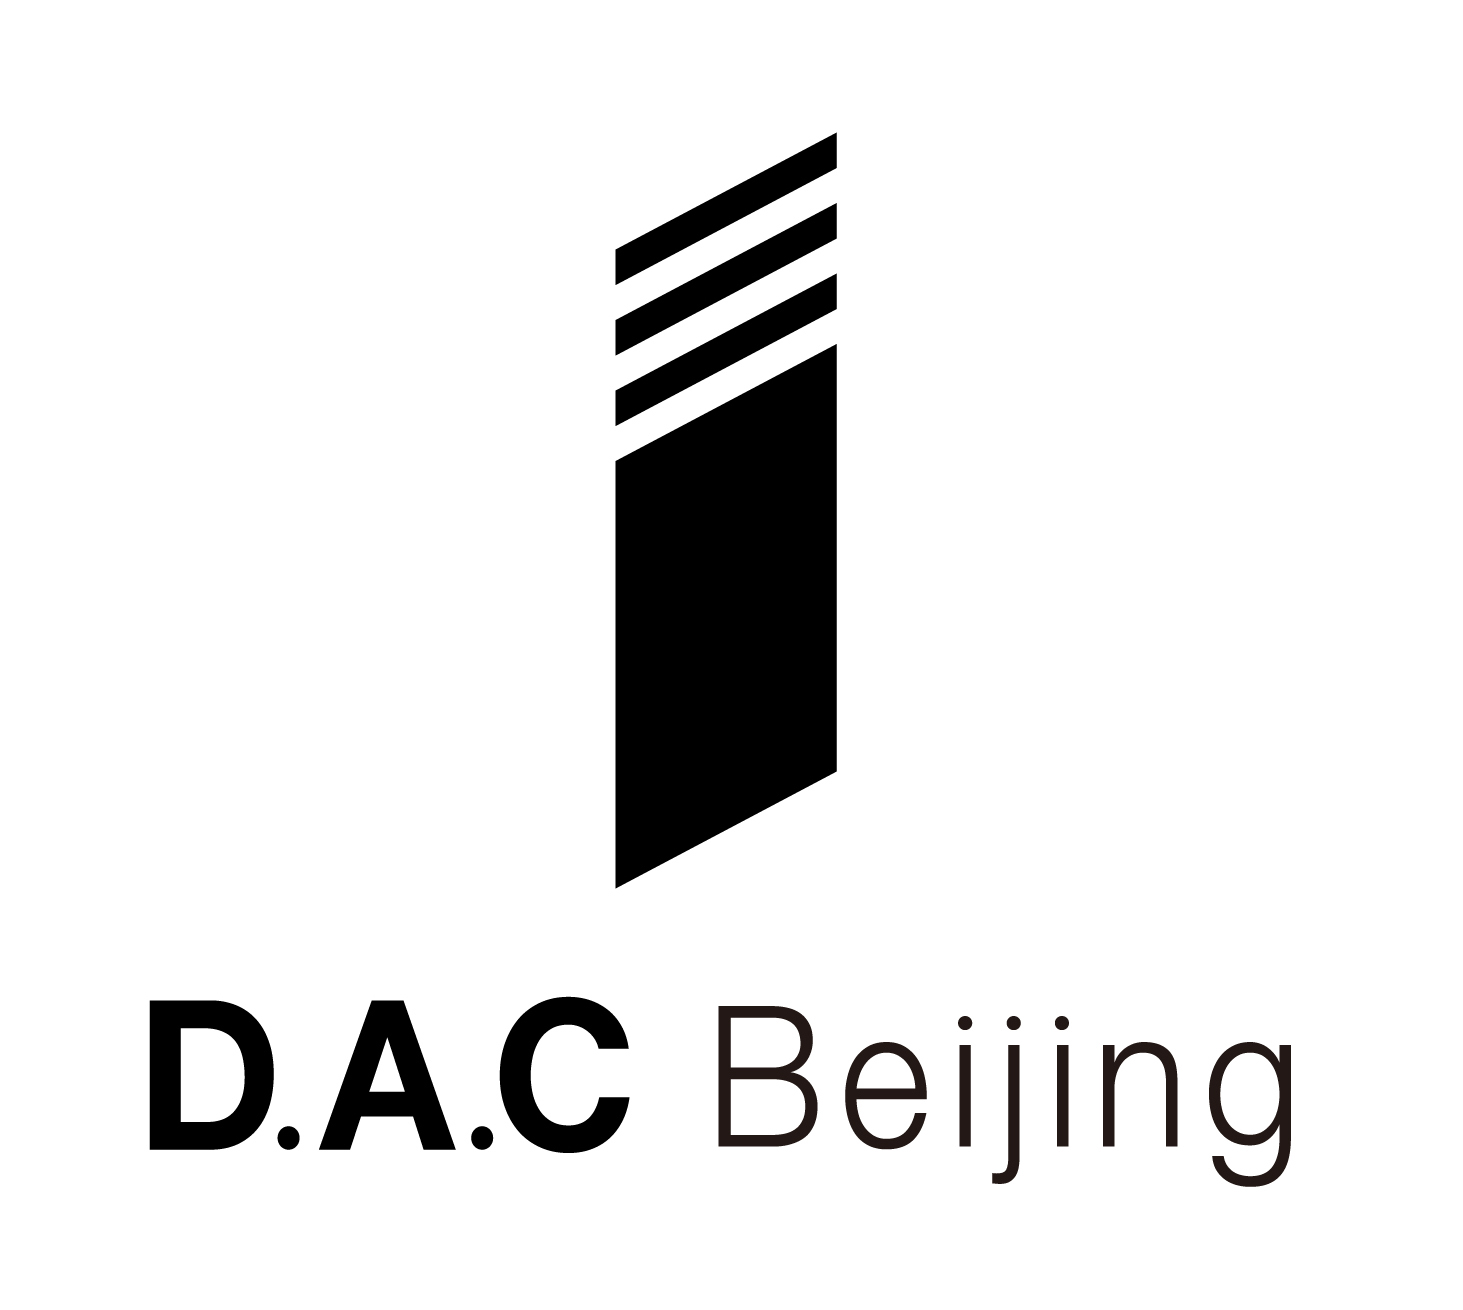 北京迪爱慈广告有限公司出纳兼人事总务日企招聘信息